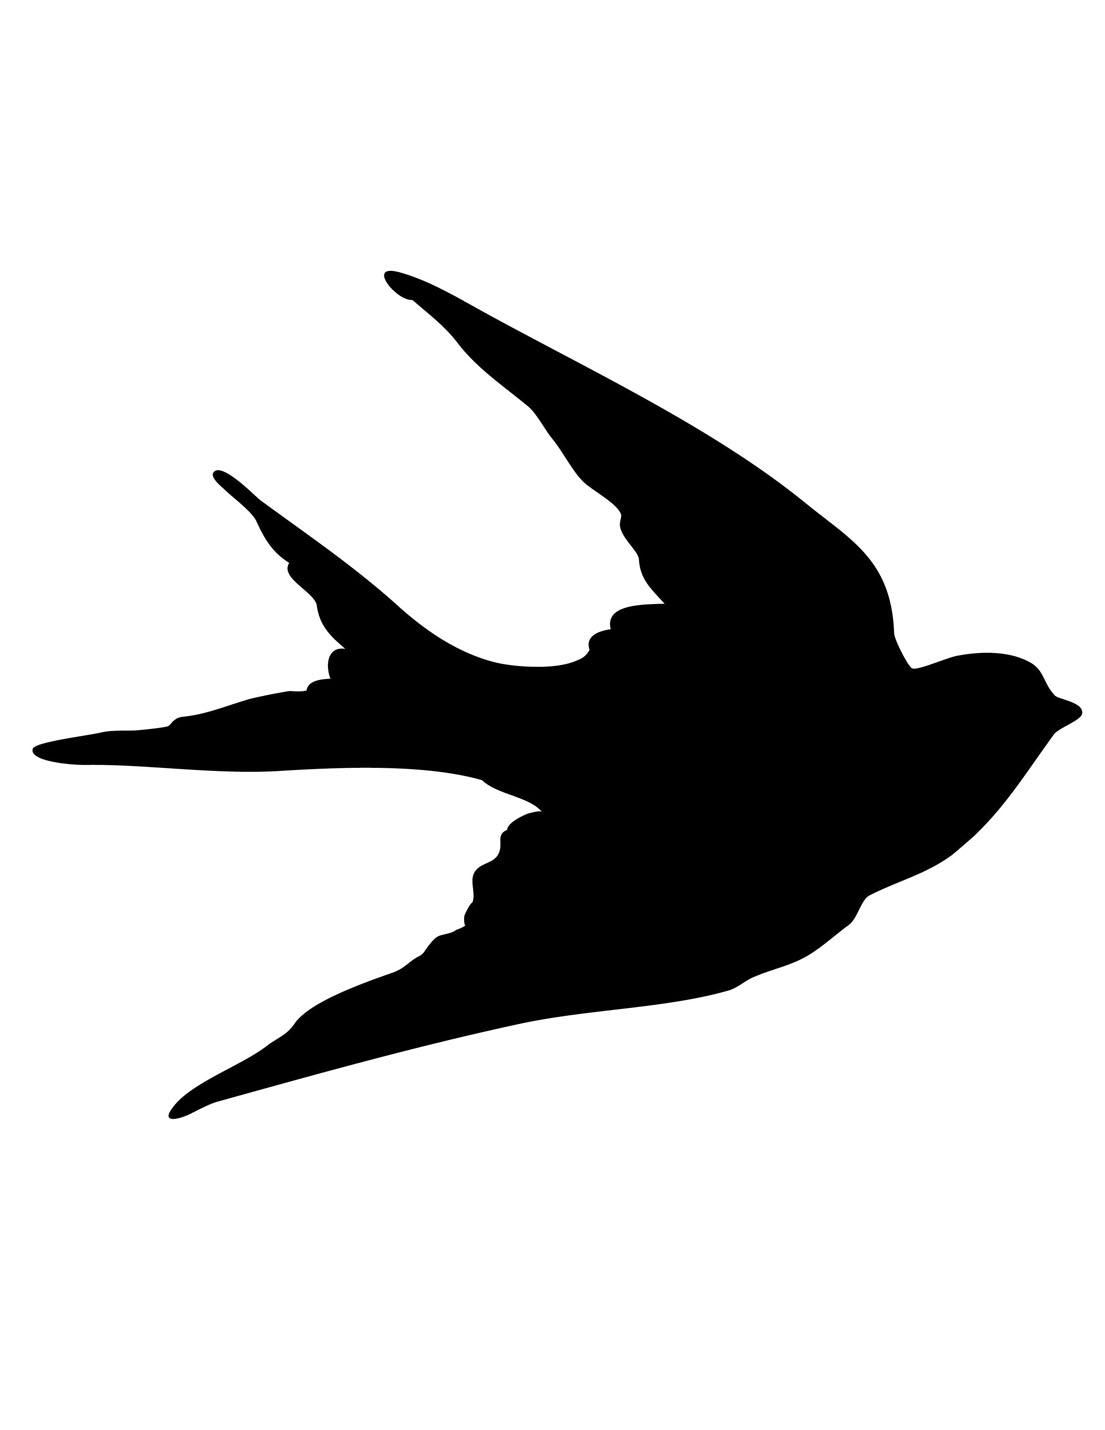 Bird Silhouettes Swallows